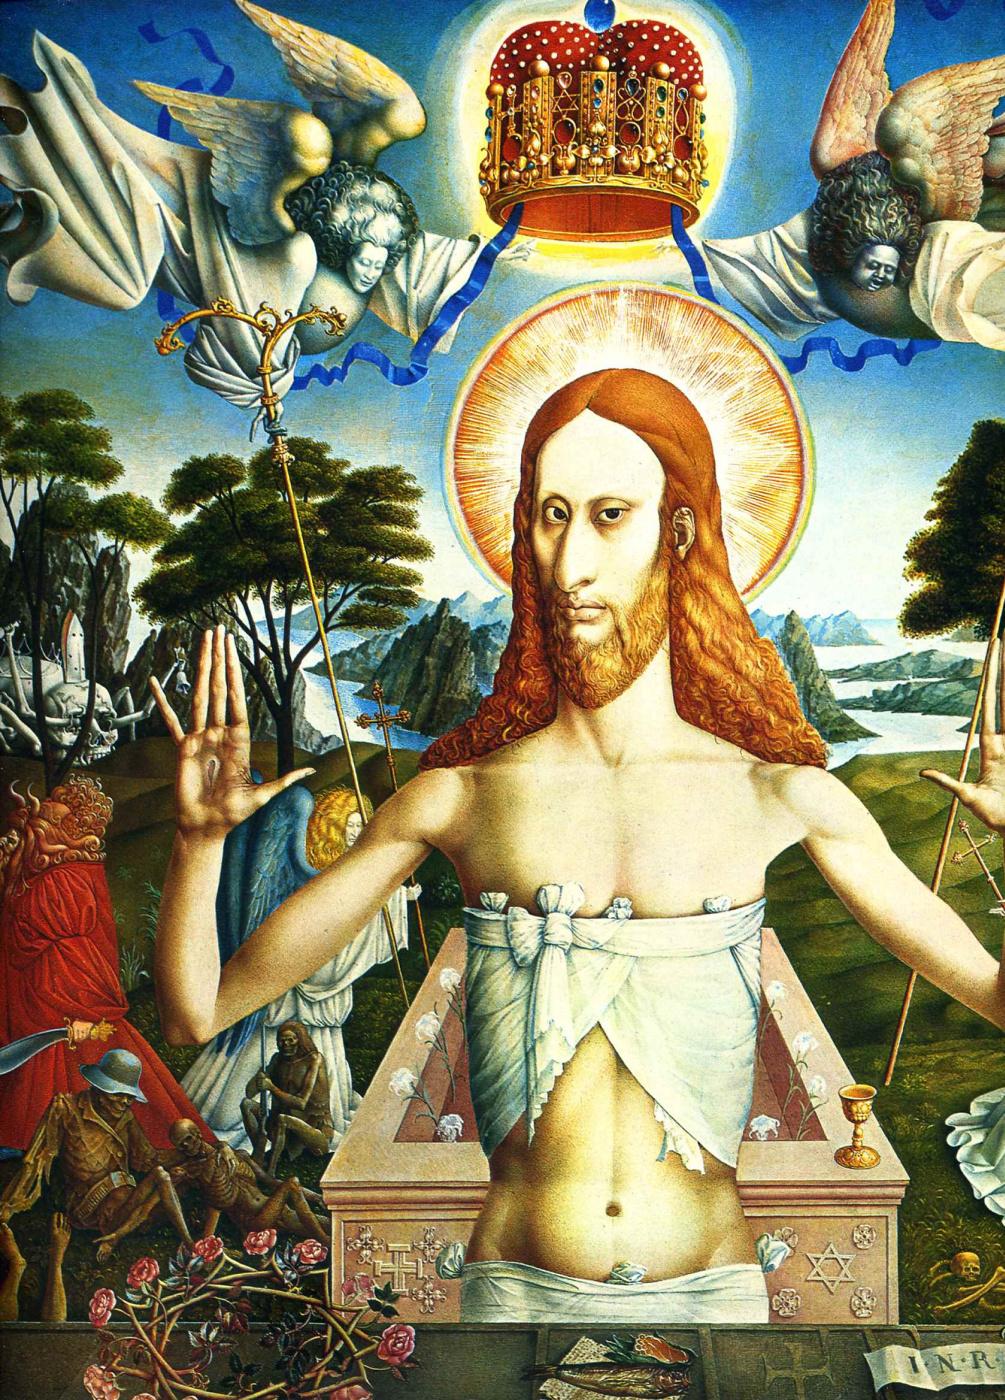 Ernst Fuchs. The Resurrection Of Christ